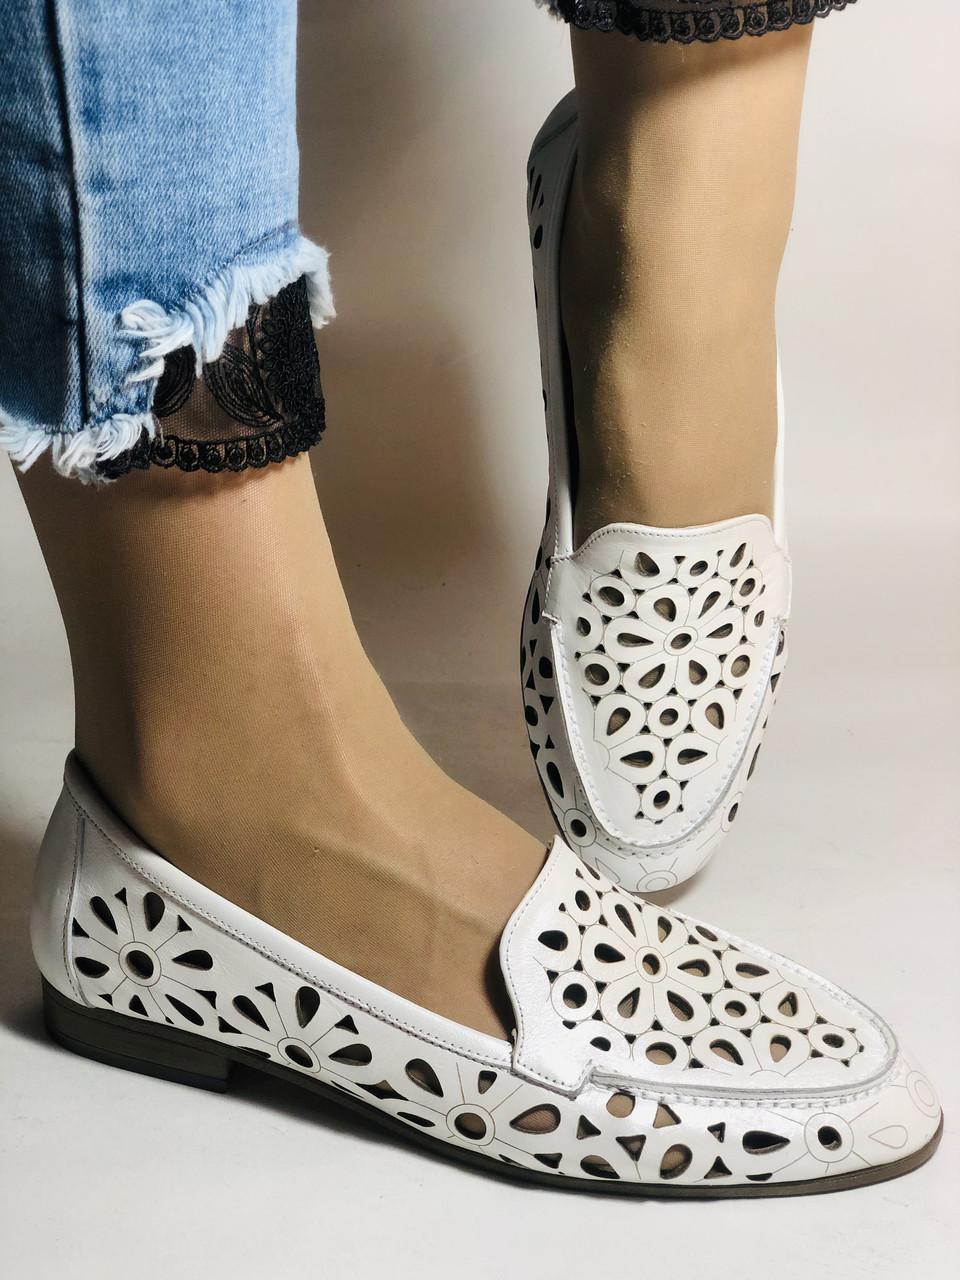 Стильные! Женские туфли -балетки из натуральной кожи 37 Турция. Супер комфорт.Vellena